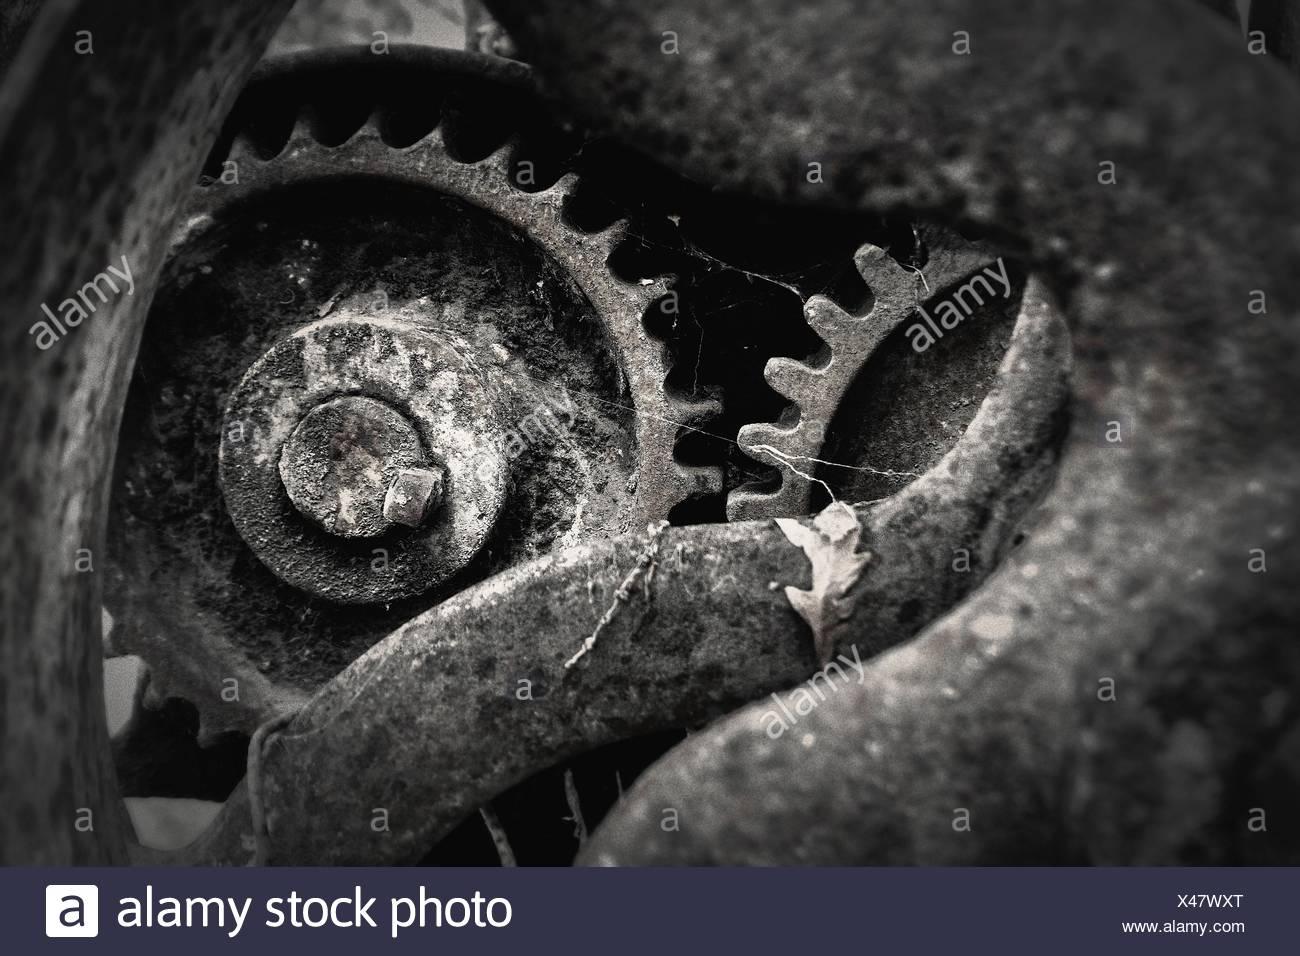 Primer plano de Rusty abandonado parte de la máquina Imagen De Stock